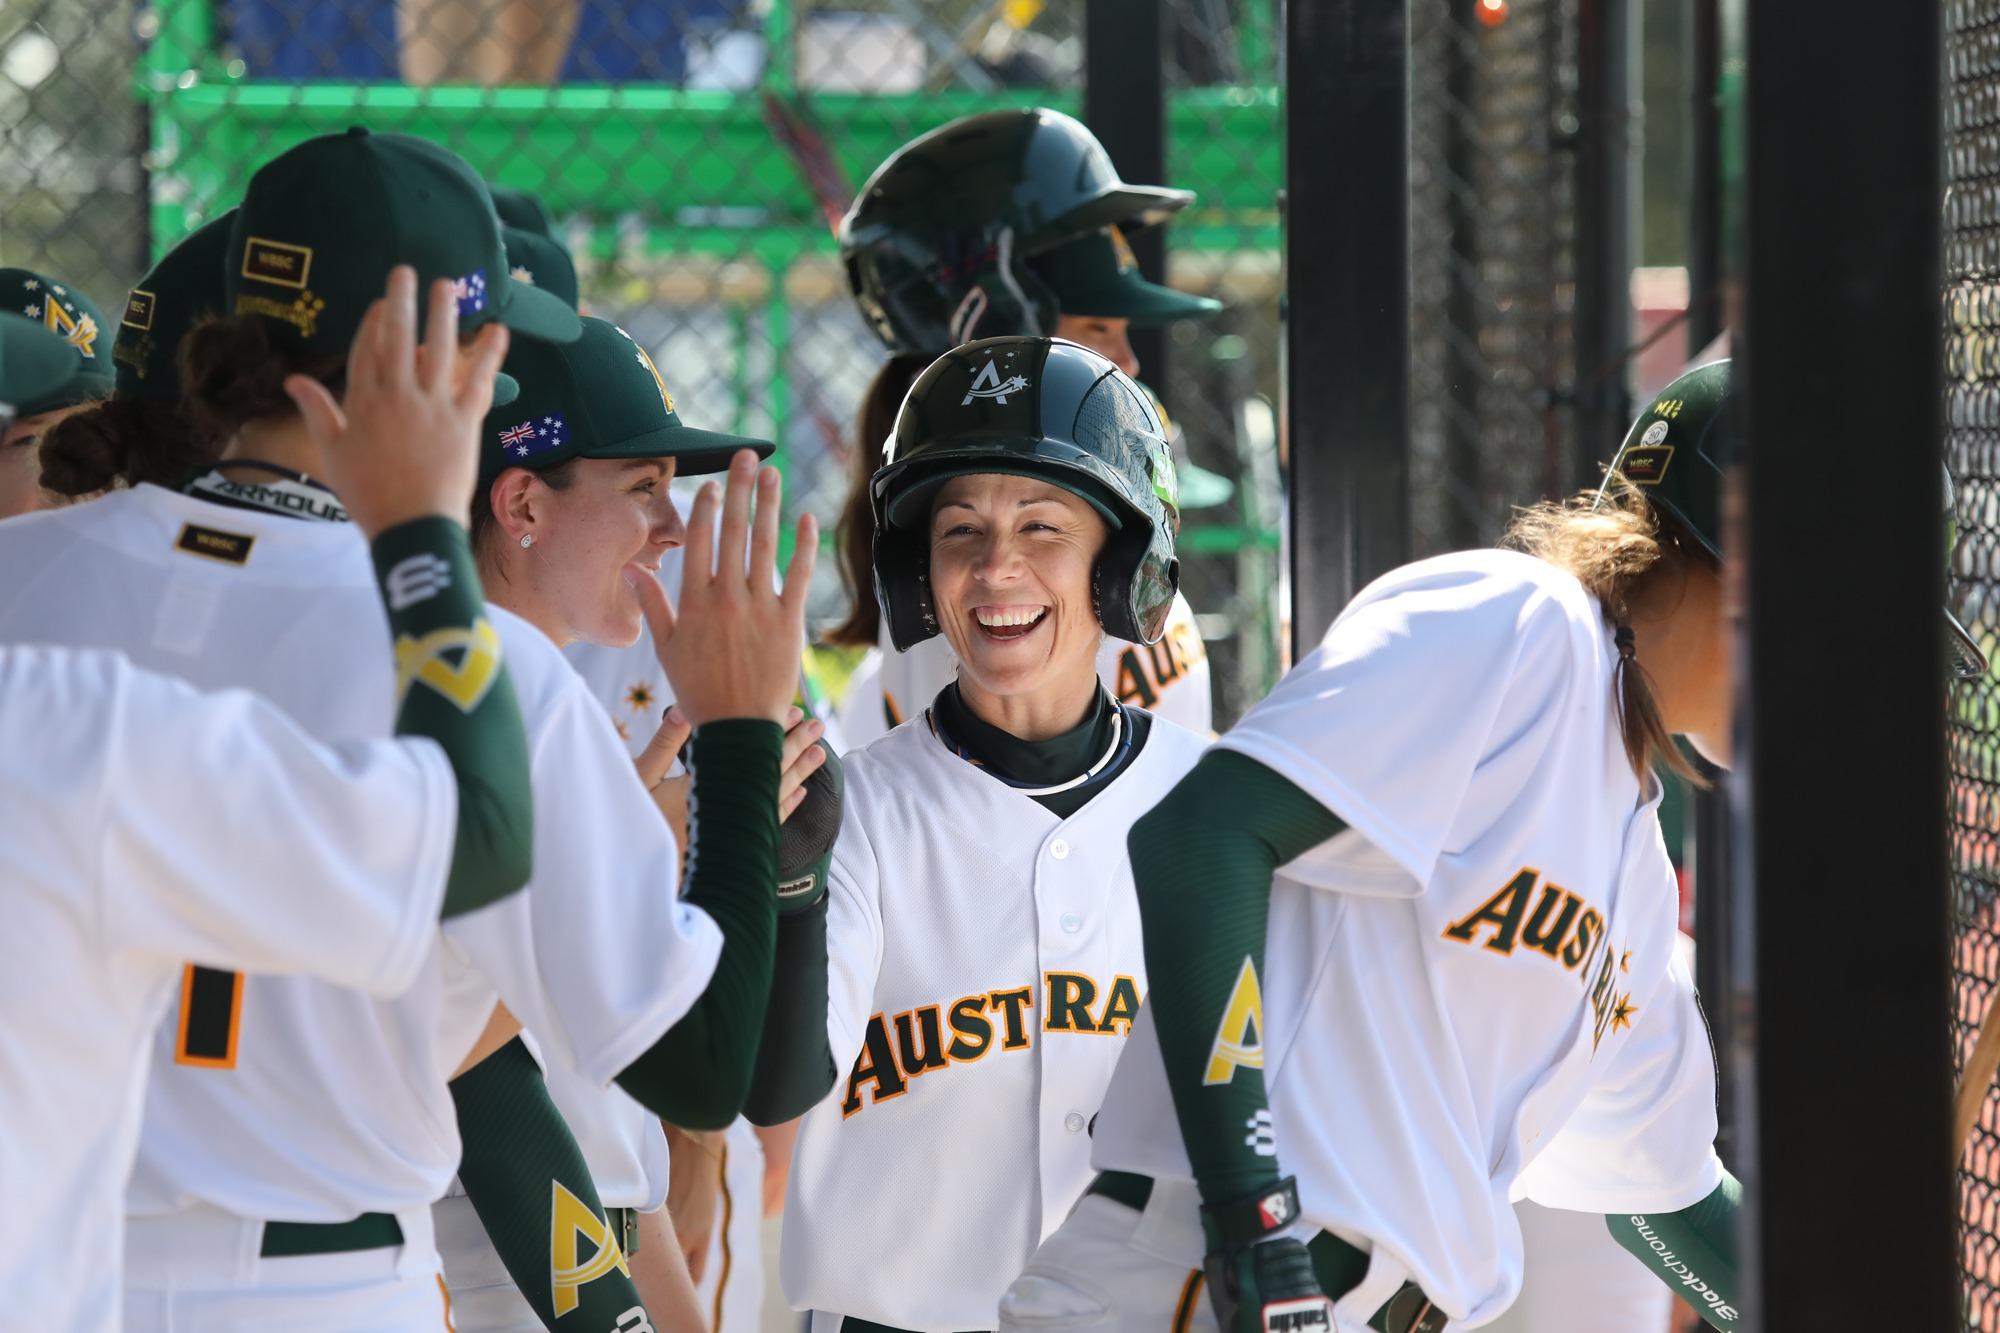 Australia's celebration